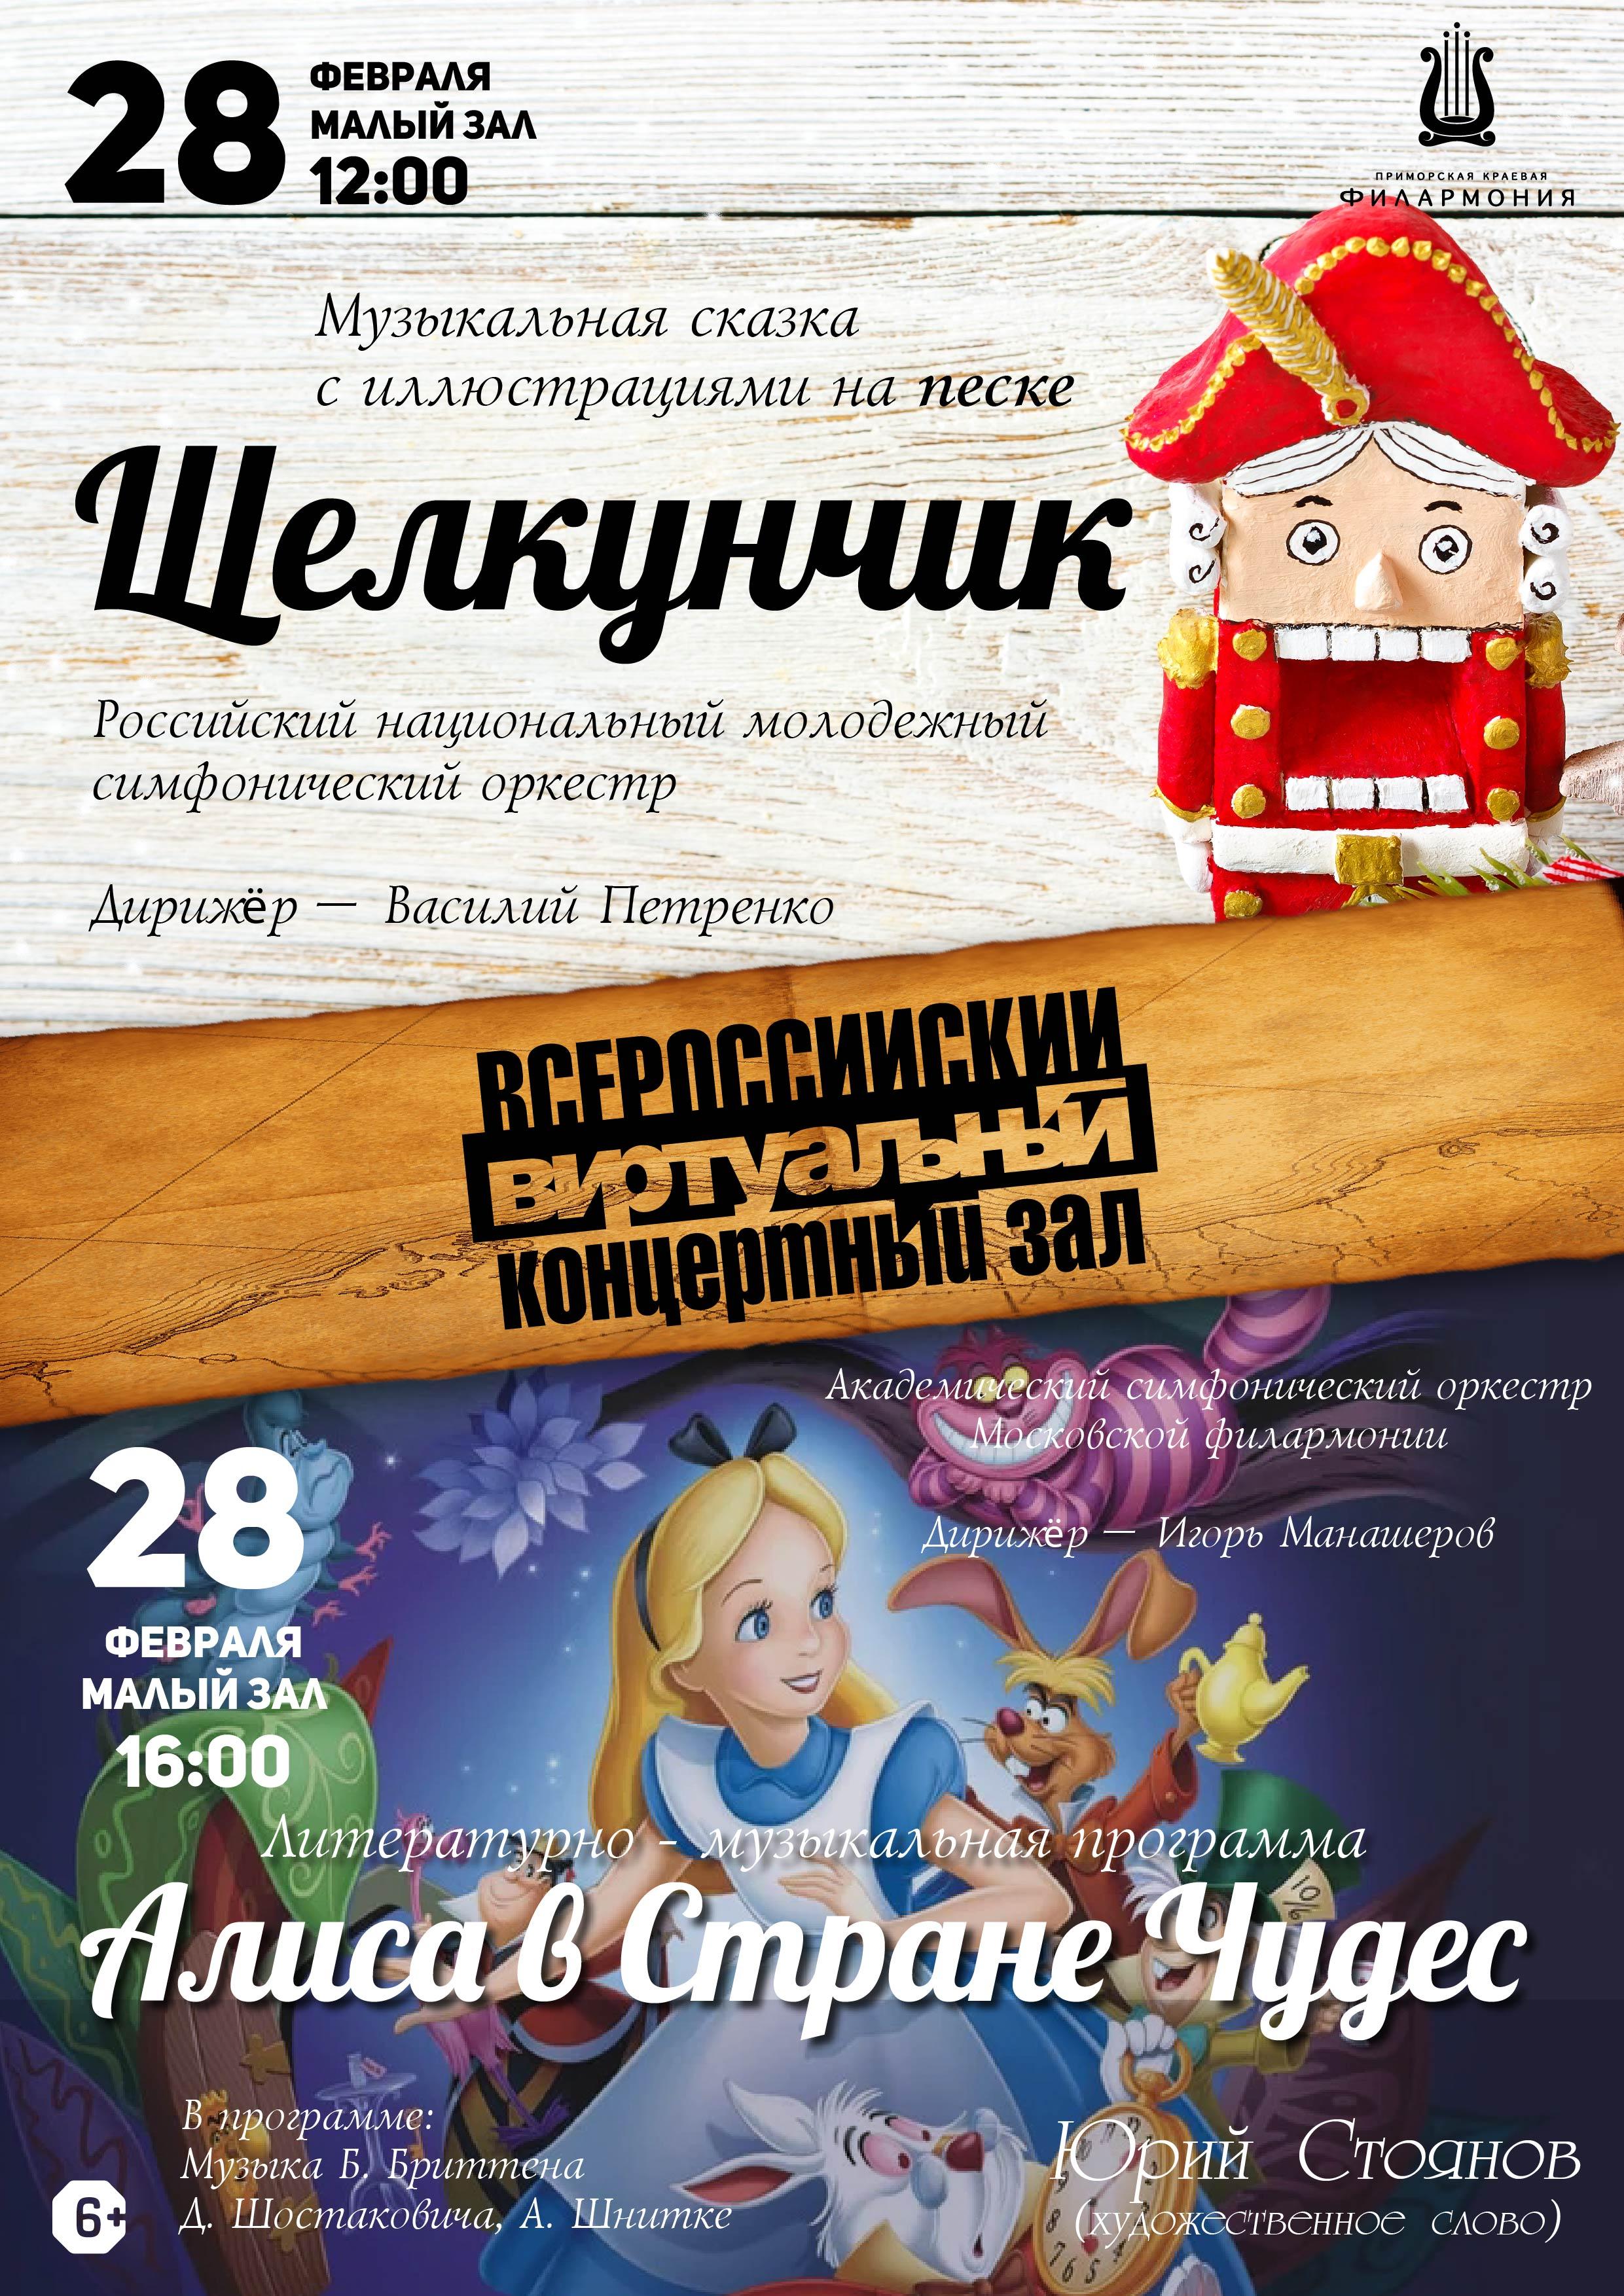 28 февраля Всероссийский виртуальный концертный зал